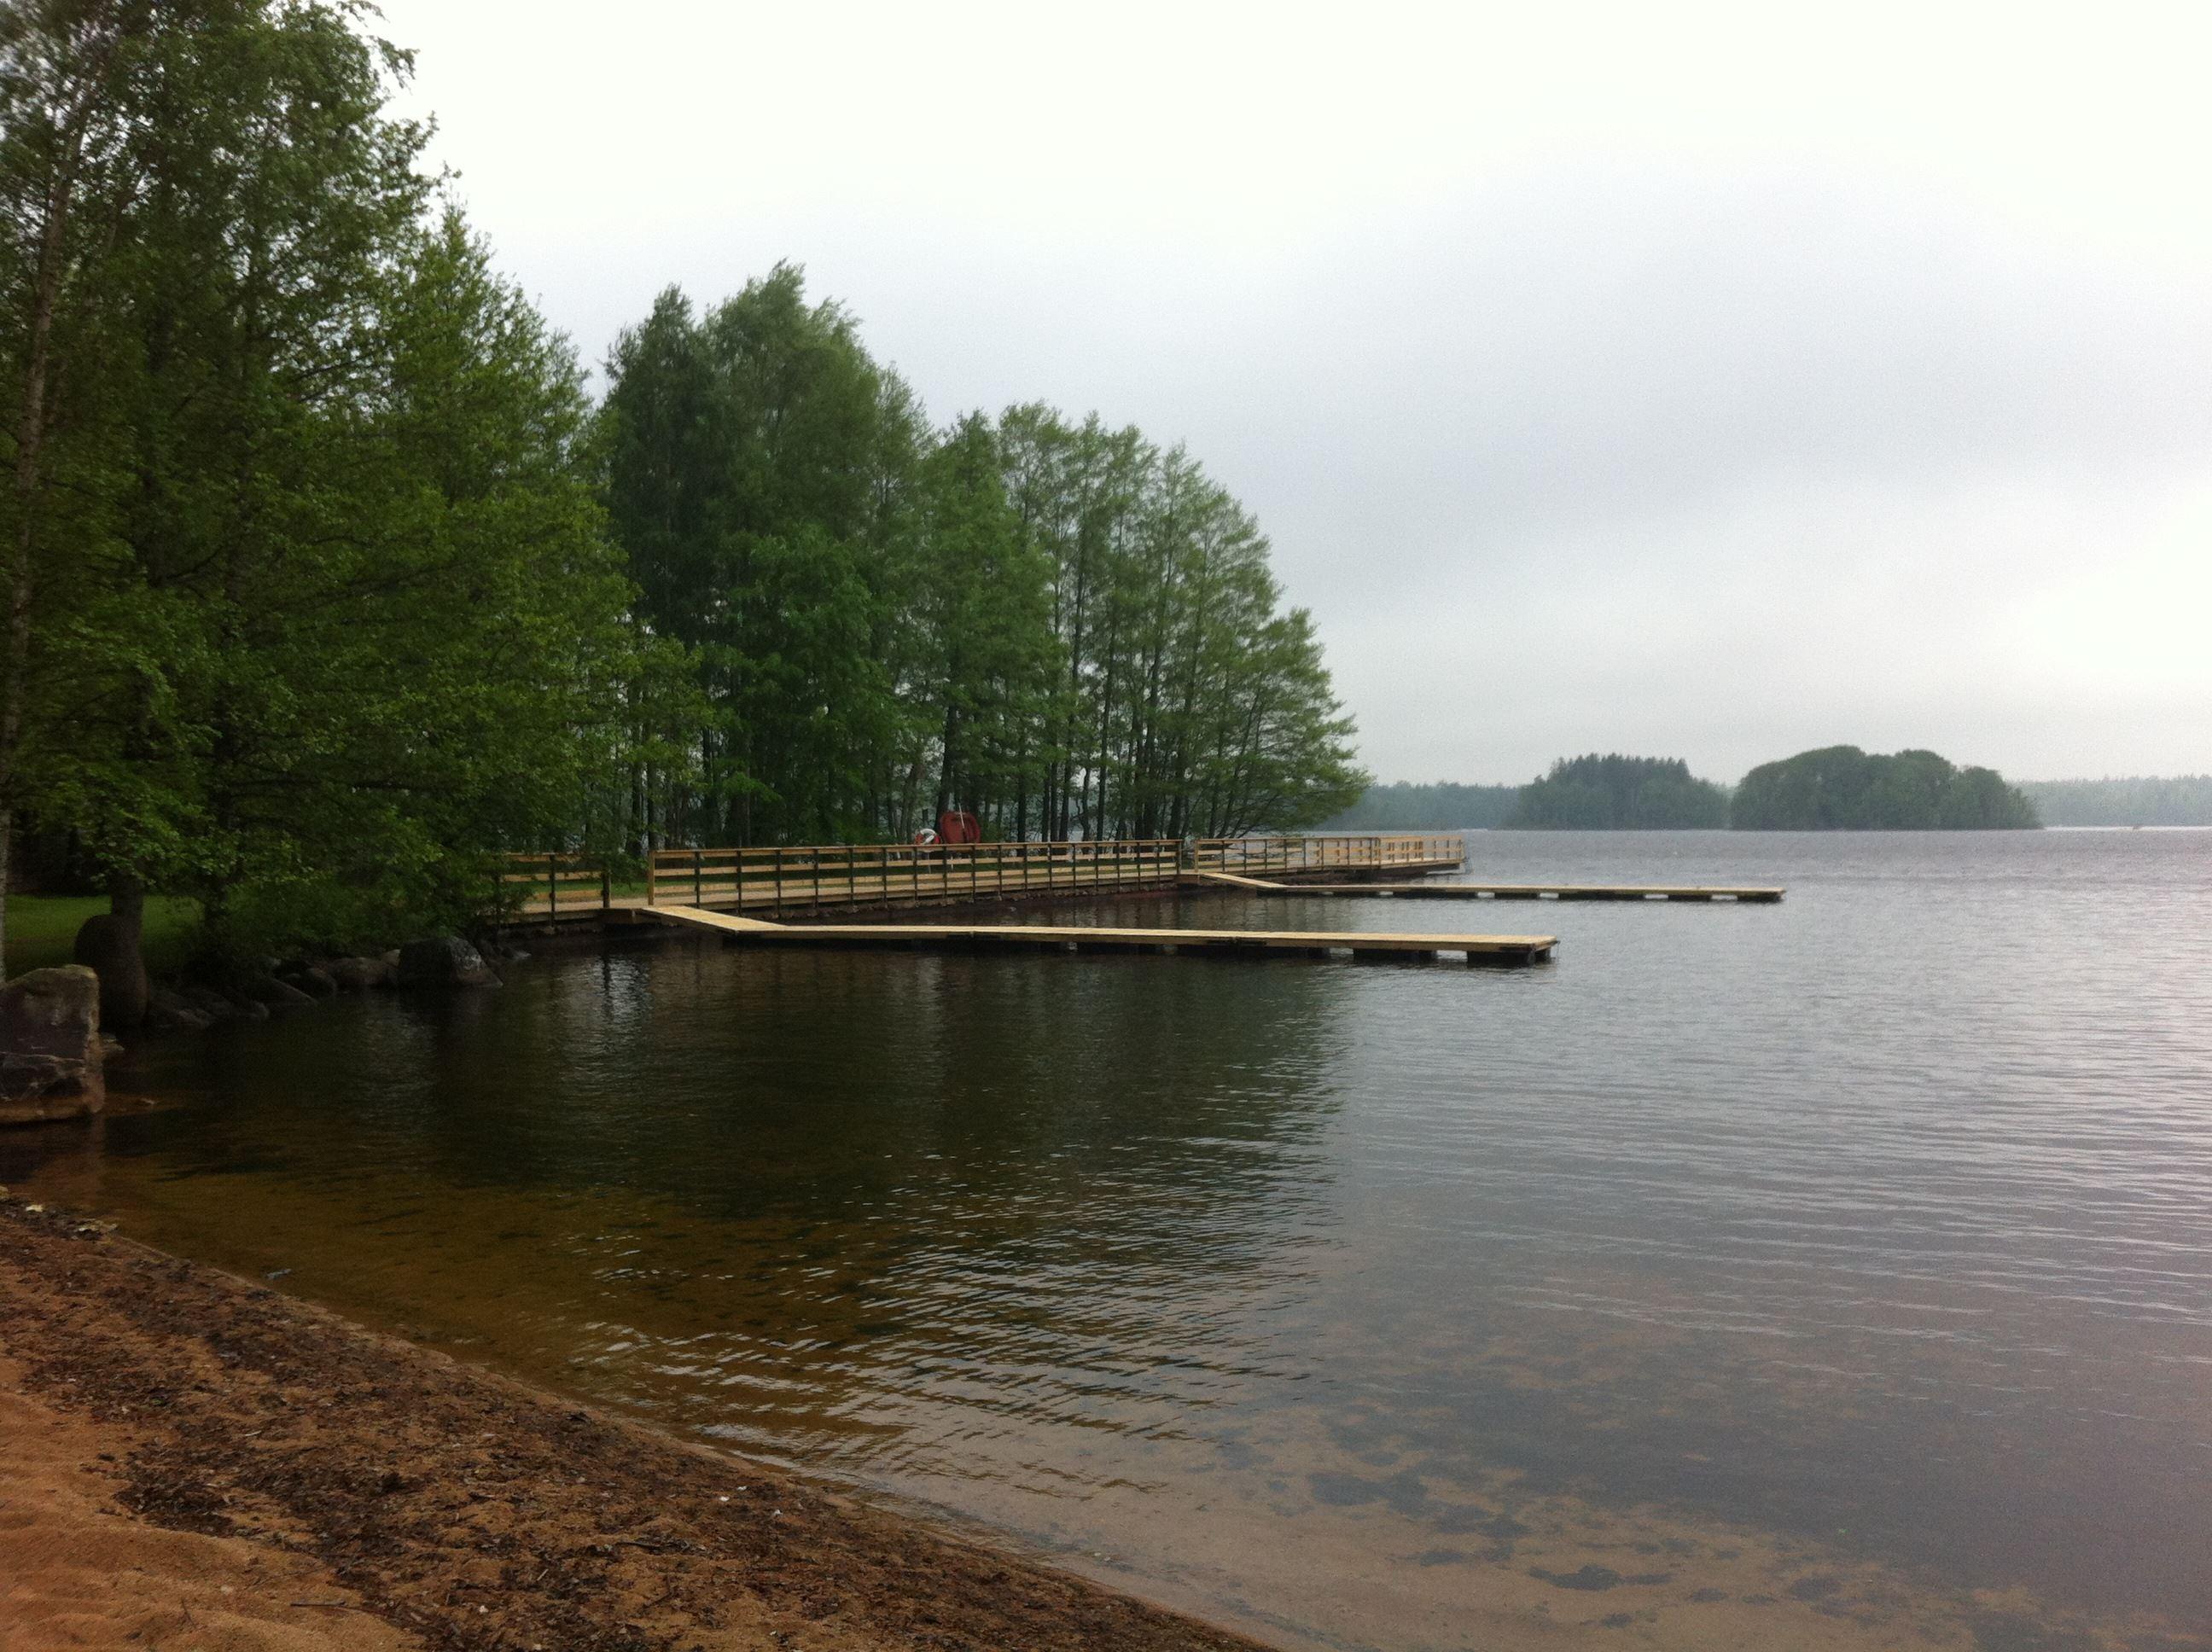 © Tingsryds Kommun, Das Naturreservat Hensjönäset